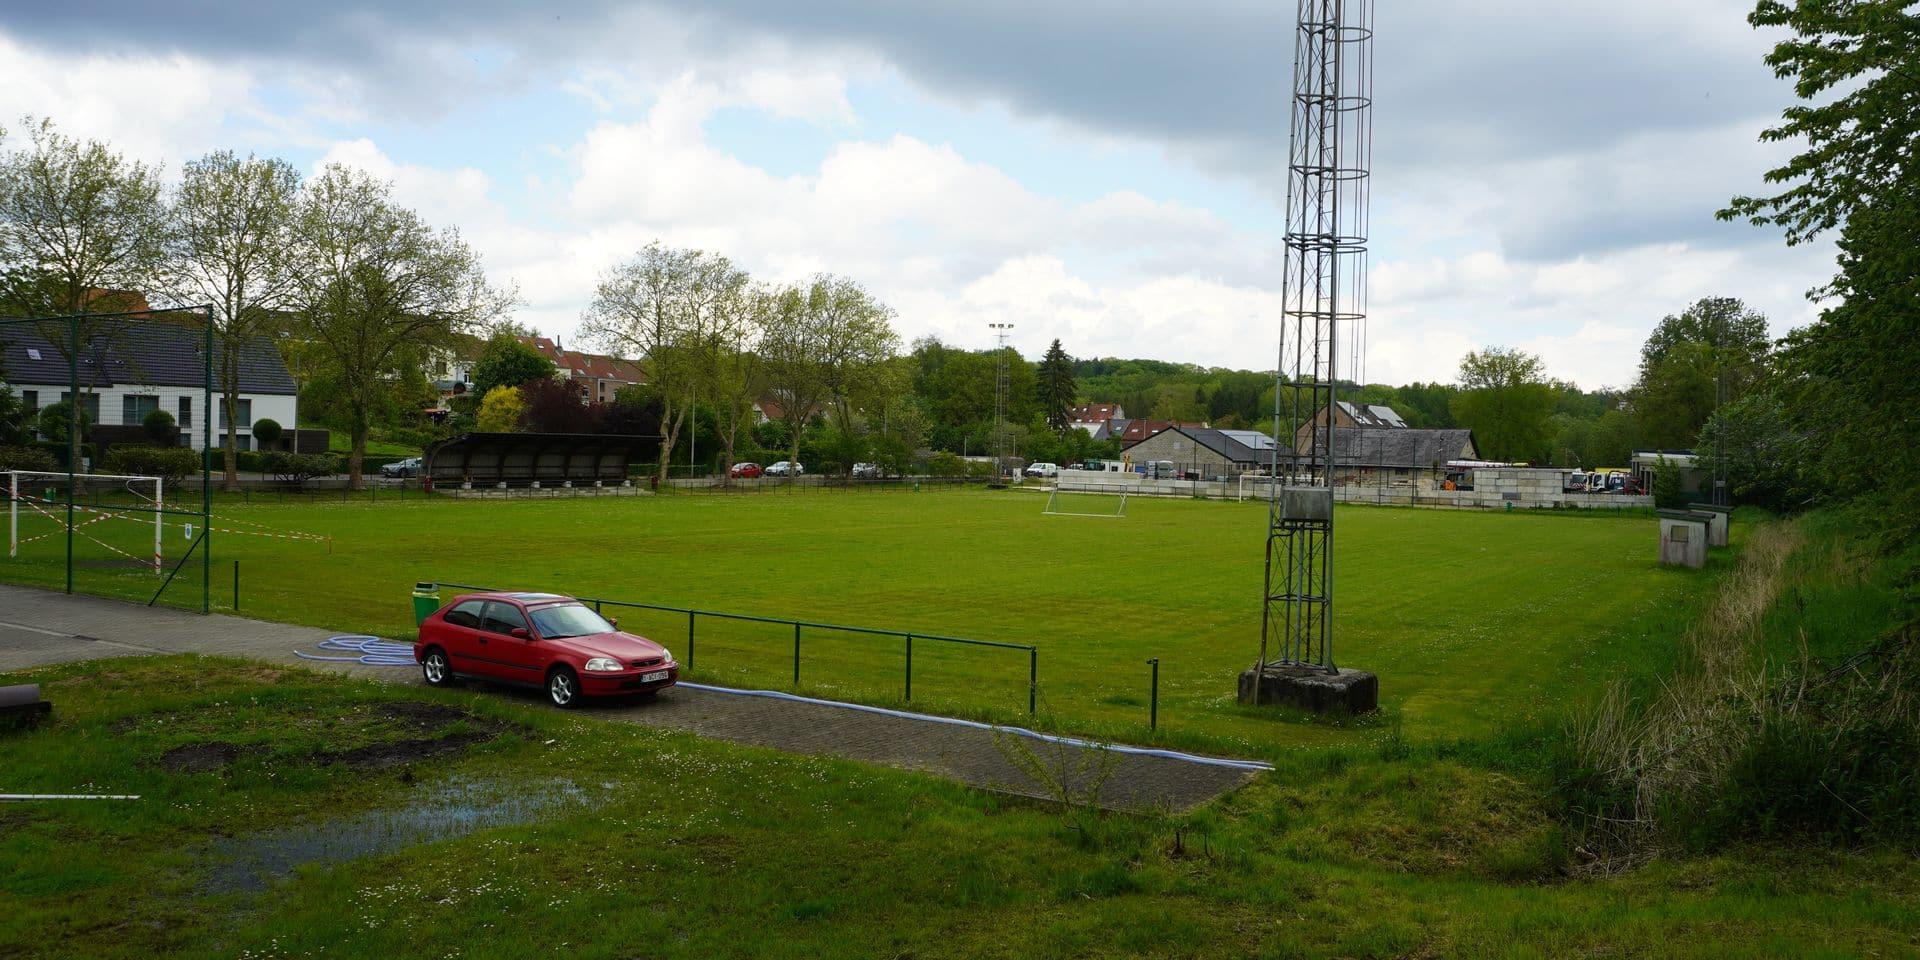 Un nouveau projet pour créer un terrain mixte foot/rugby à La Hulpe